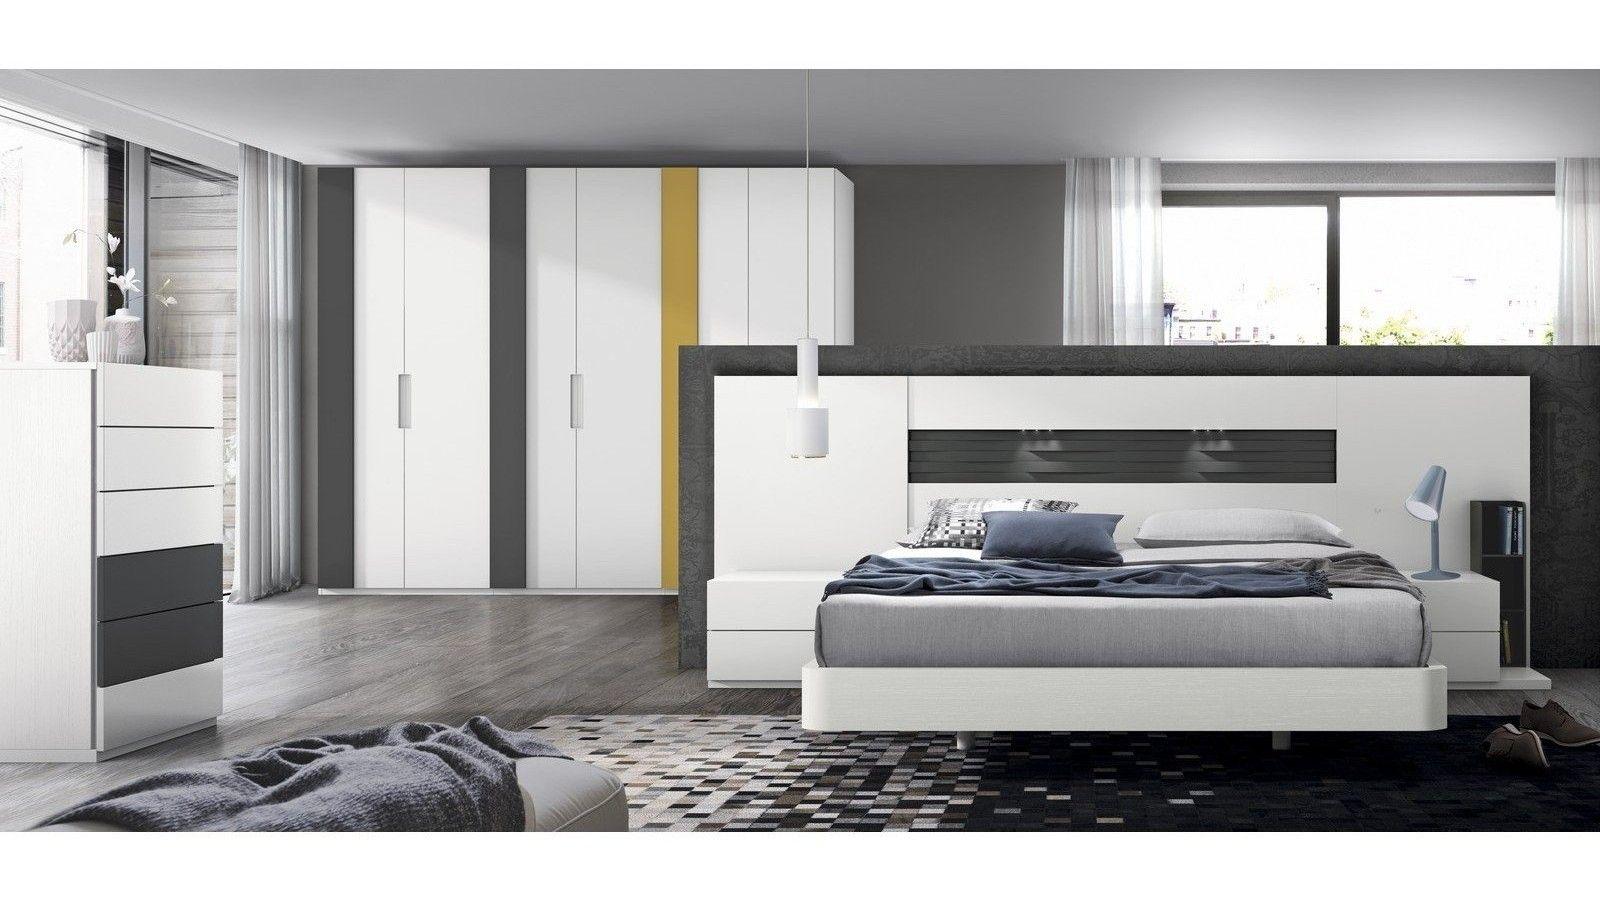 Camas Y Dormitorios Eos Concept Closet Layout Pinterest  # Fabricante Muebles Eos